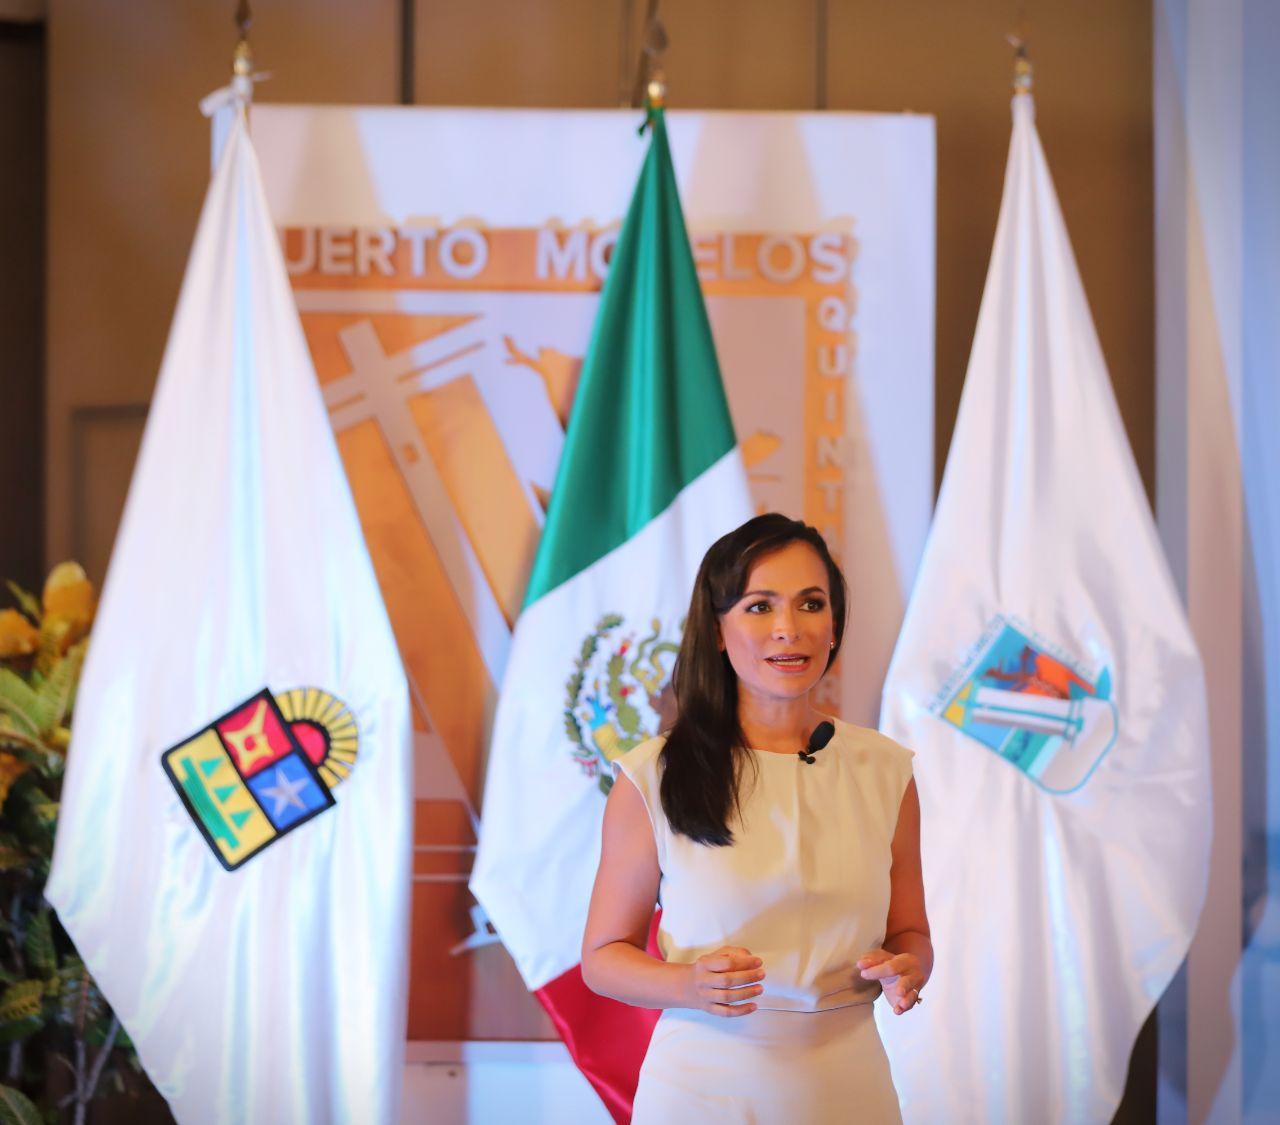 Fotografia Laura Fenandez, presidenta municipal de Puerto Morelos,